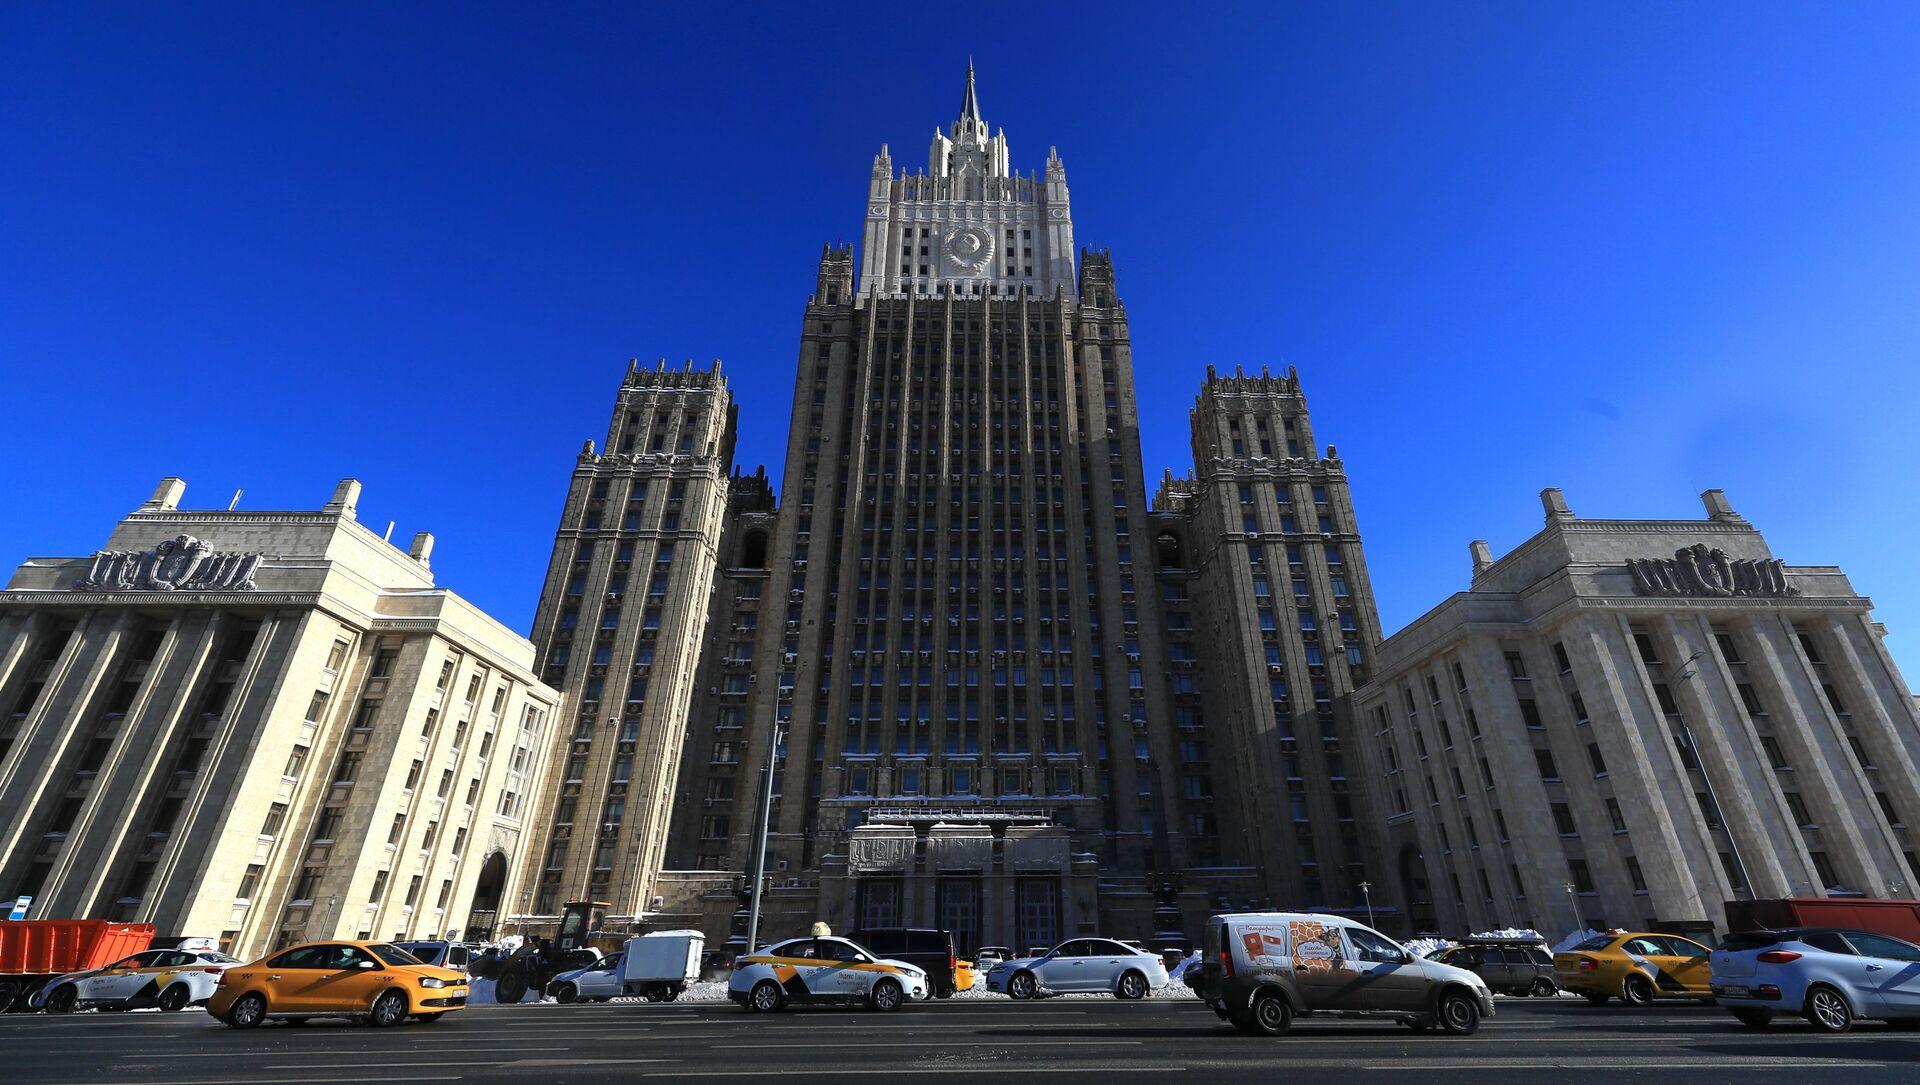 Tòa nhà của Bộ Ngoại giao Liên bang Nga trên Quảng trường Smolenskaya-Sennaya ở Moscow - Sputnik Việt Nam, 1920, 15.07.2021